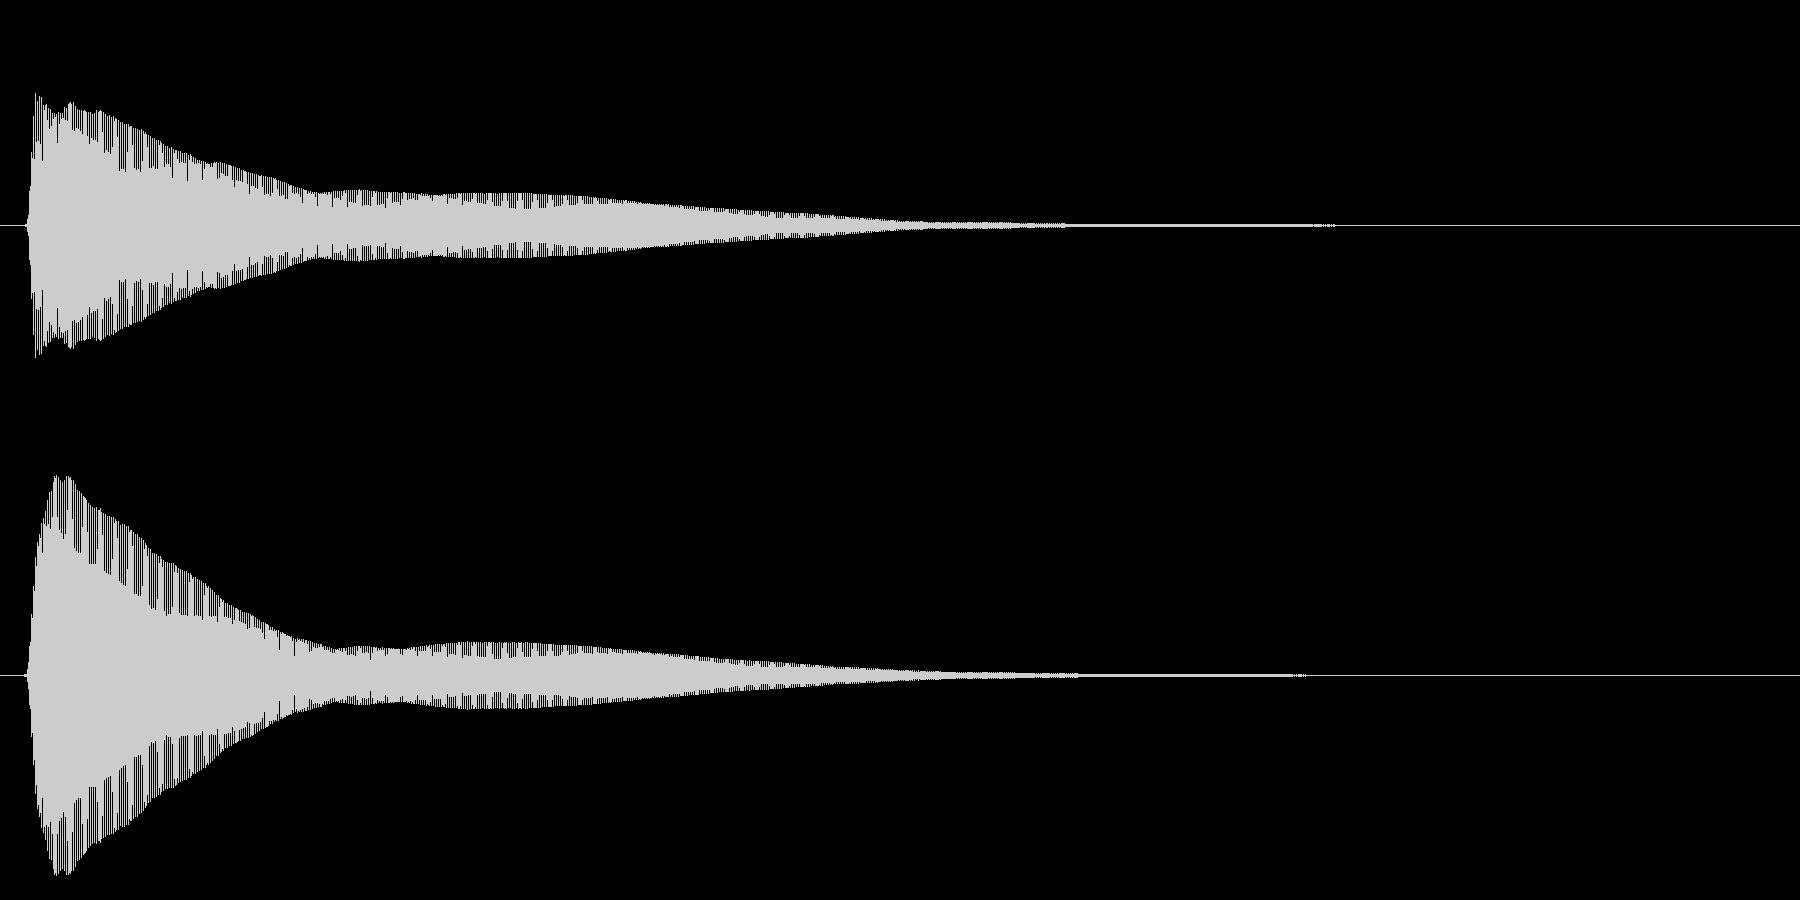 マレット/シンプル/決定音の未再生の波形